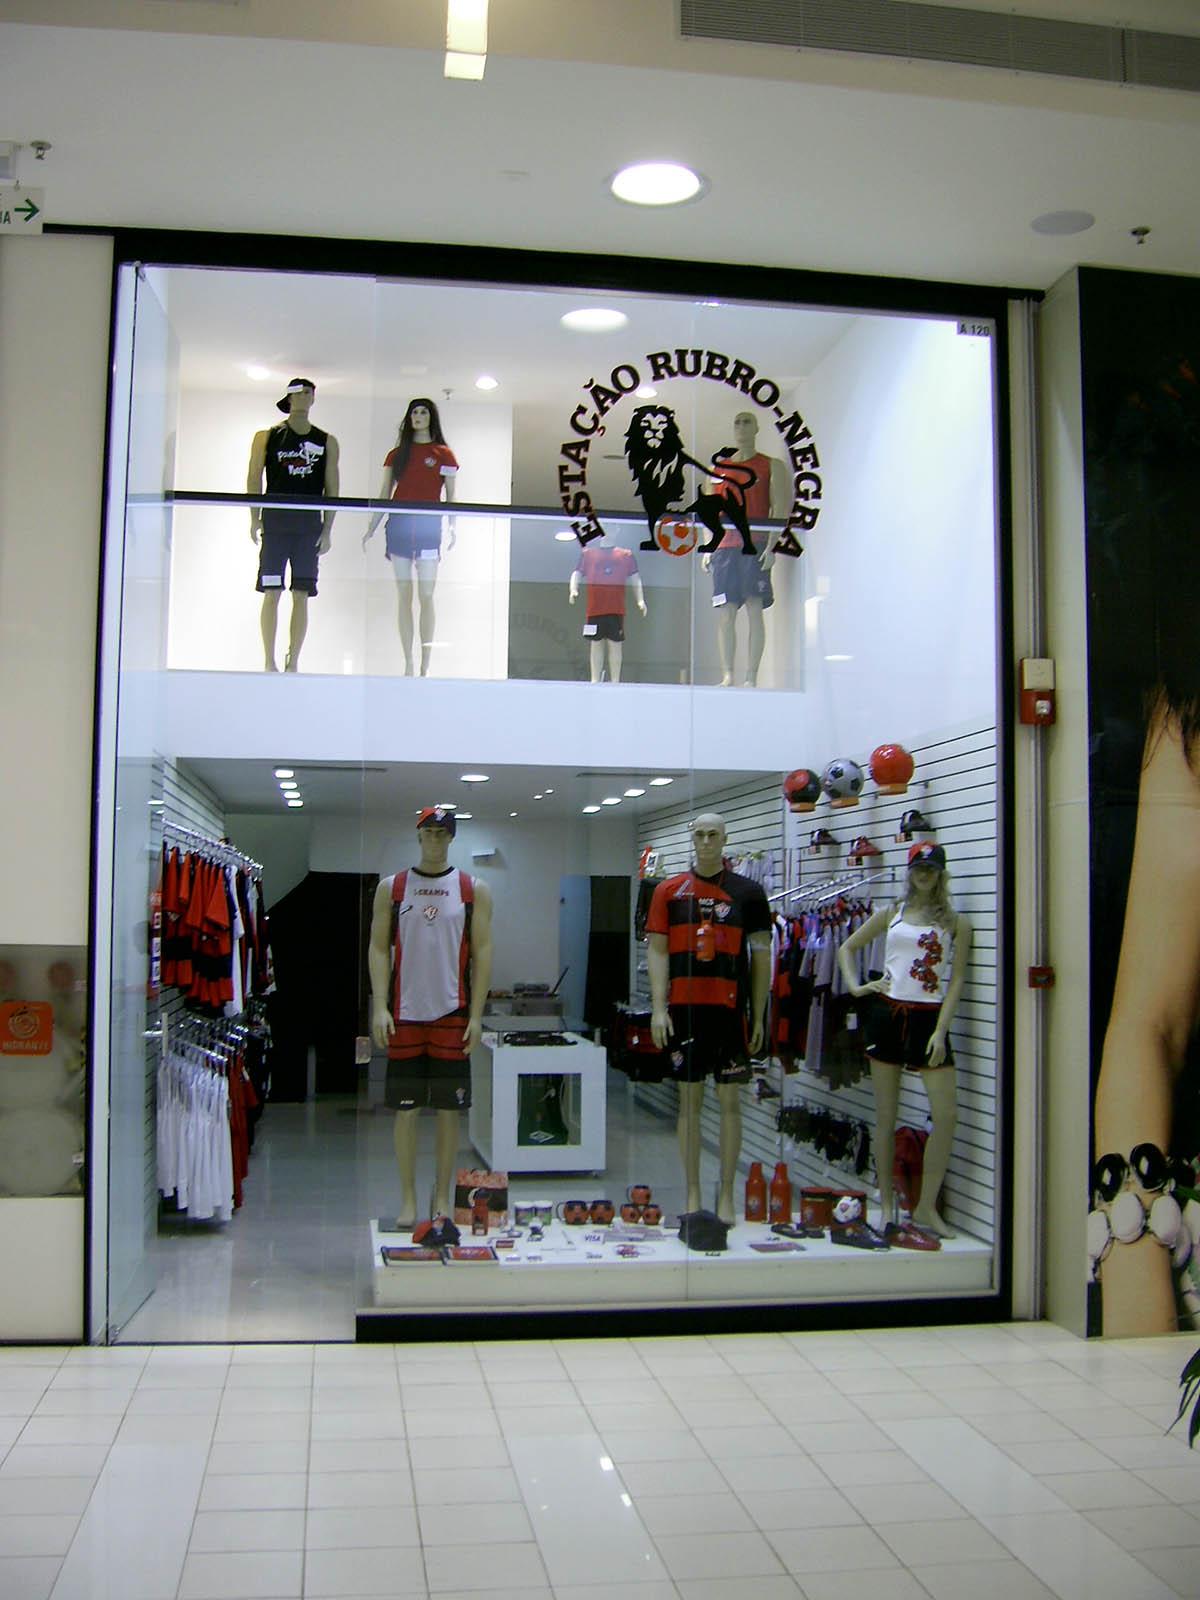 Marcenaria Loja Estação Rubro – Shopping Paralela